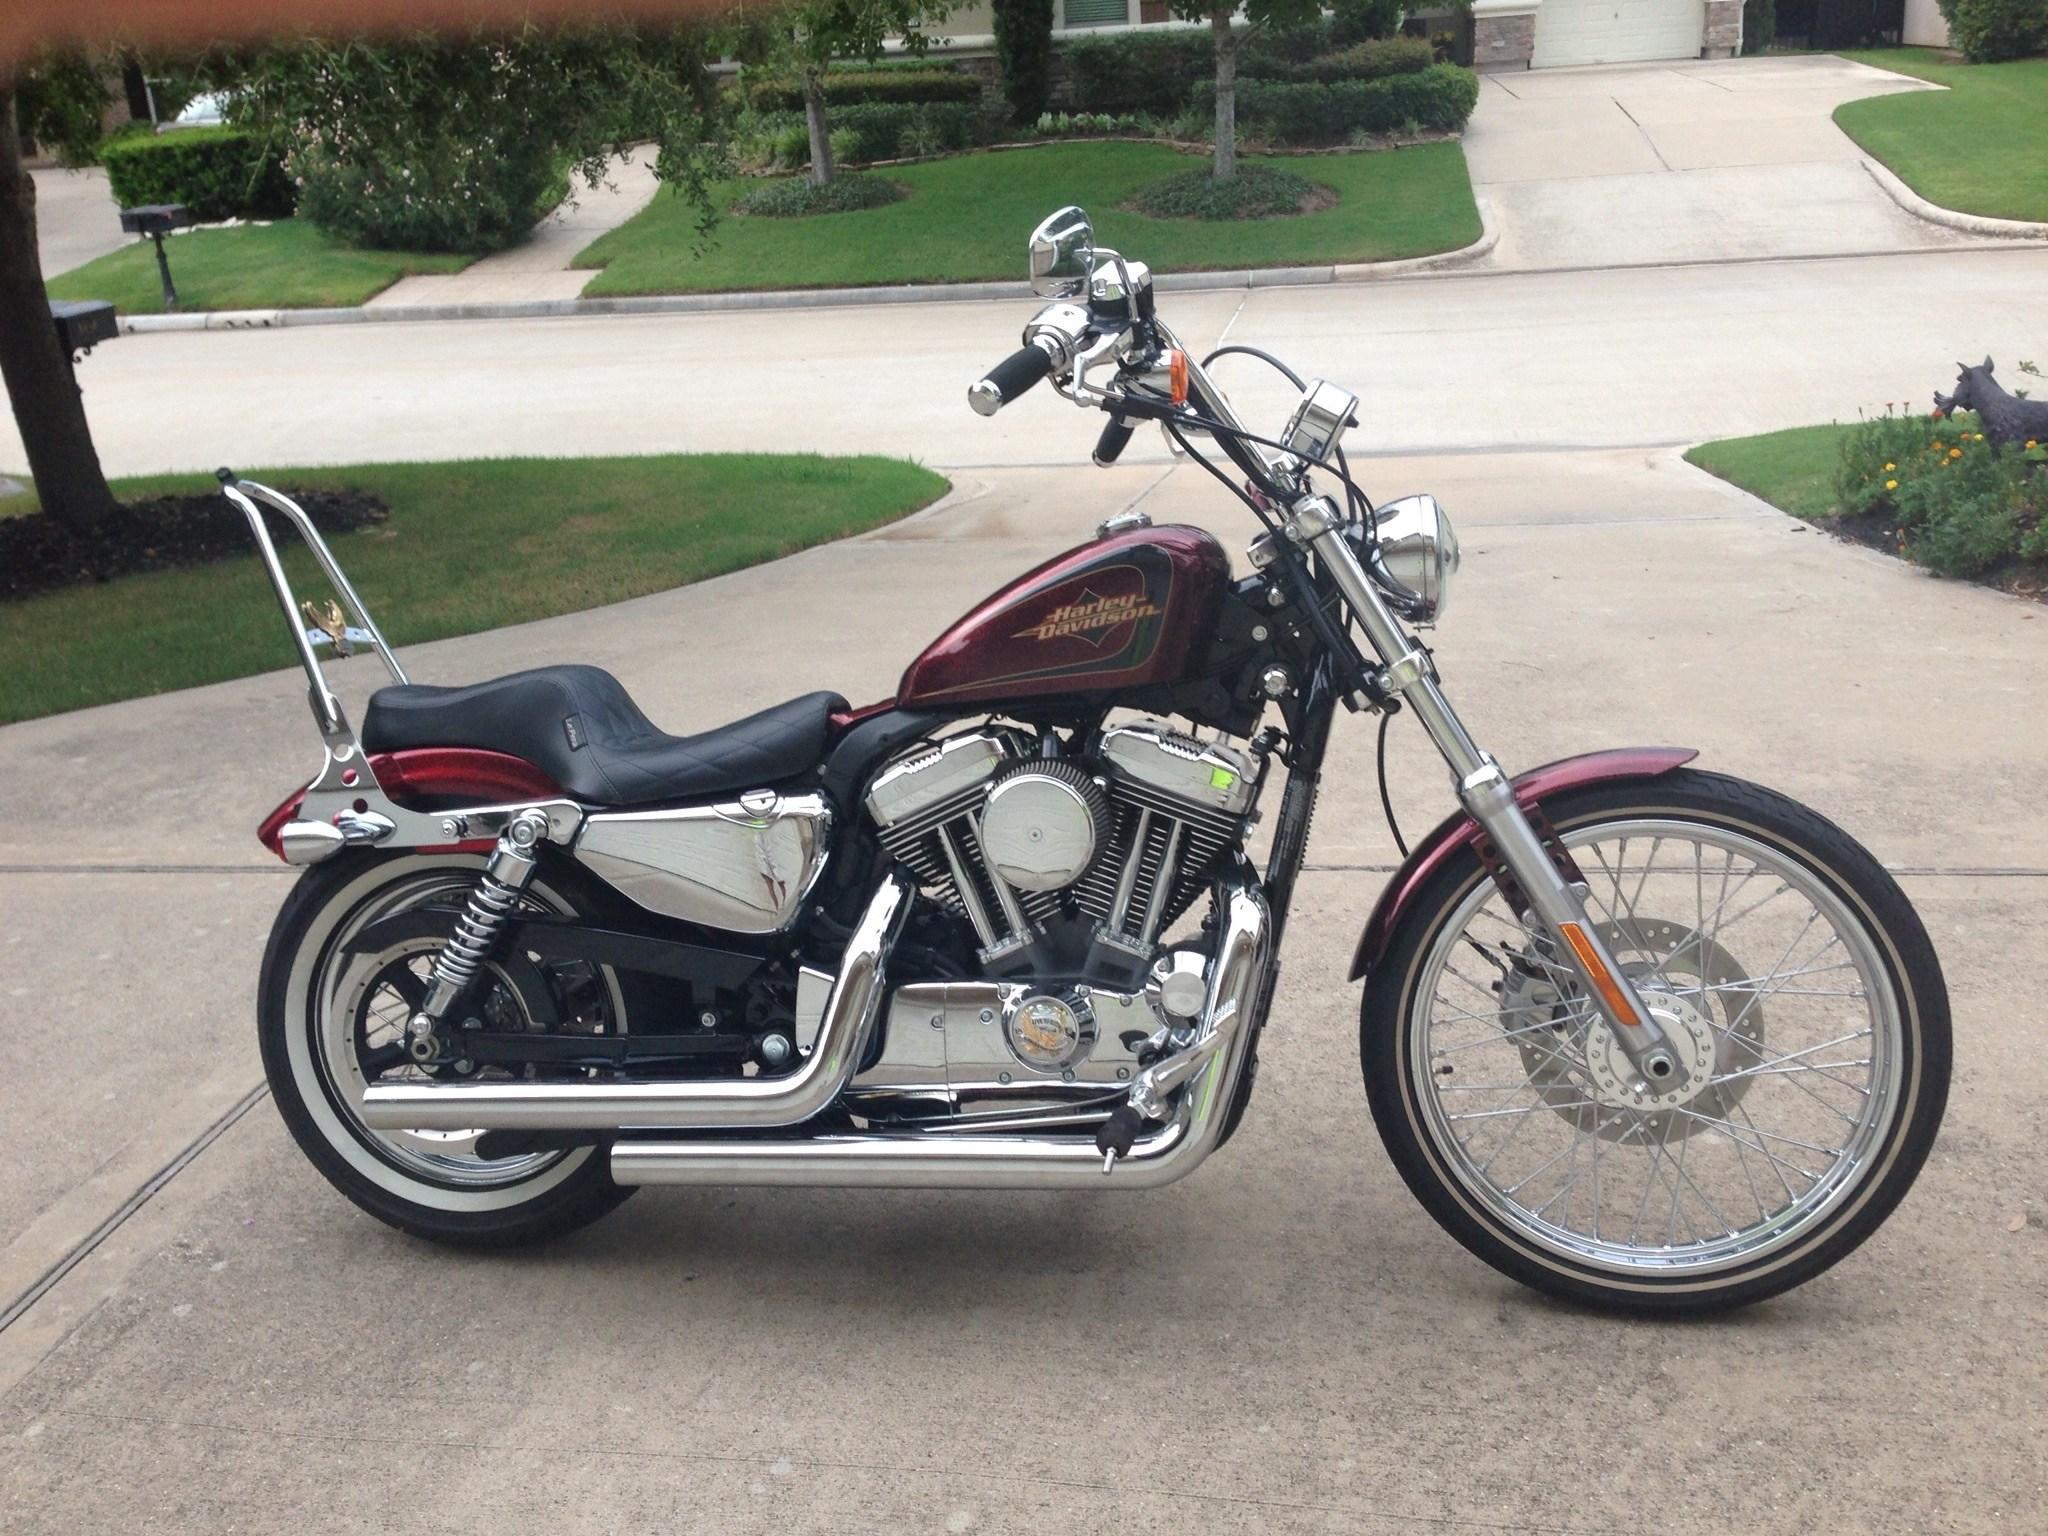 2012 Harley Davidson 174 Xl1200v Sportster 174 Seventy Two